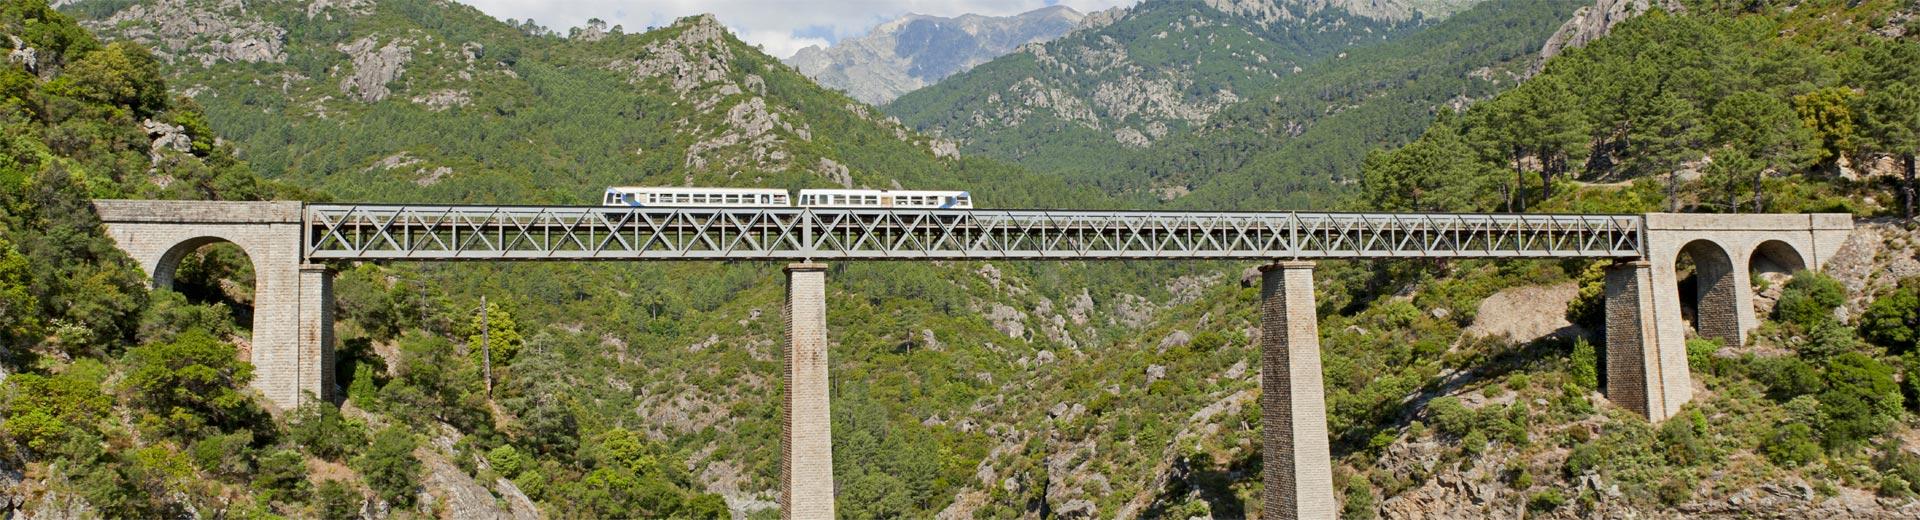 Circuit en train en Corse